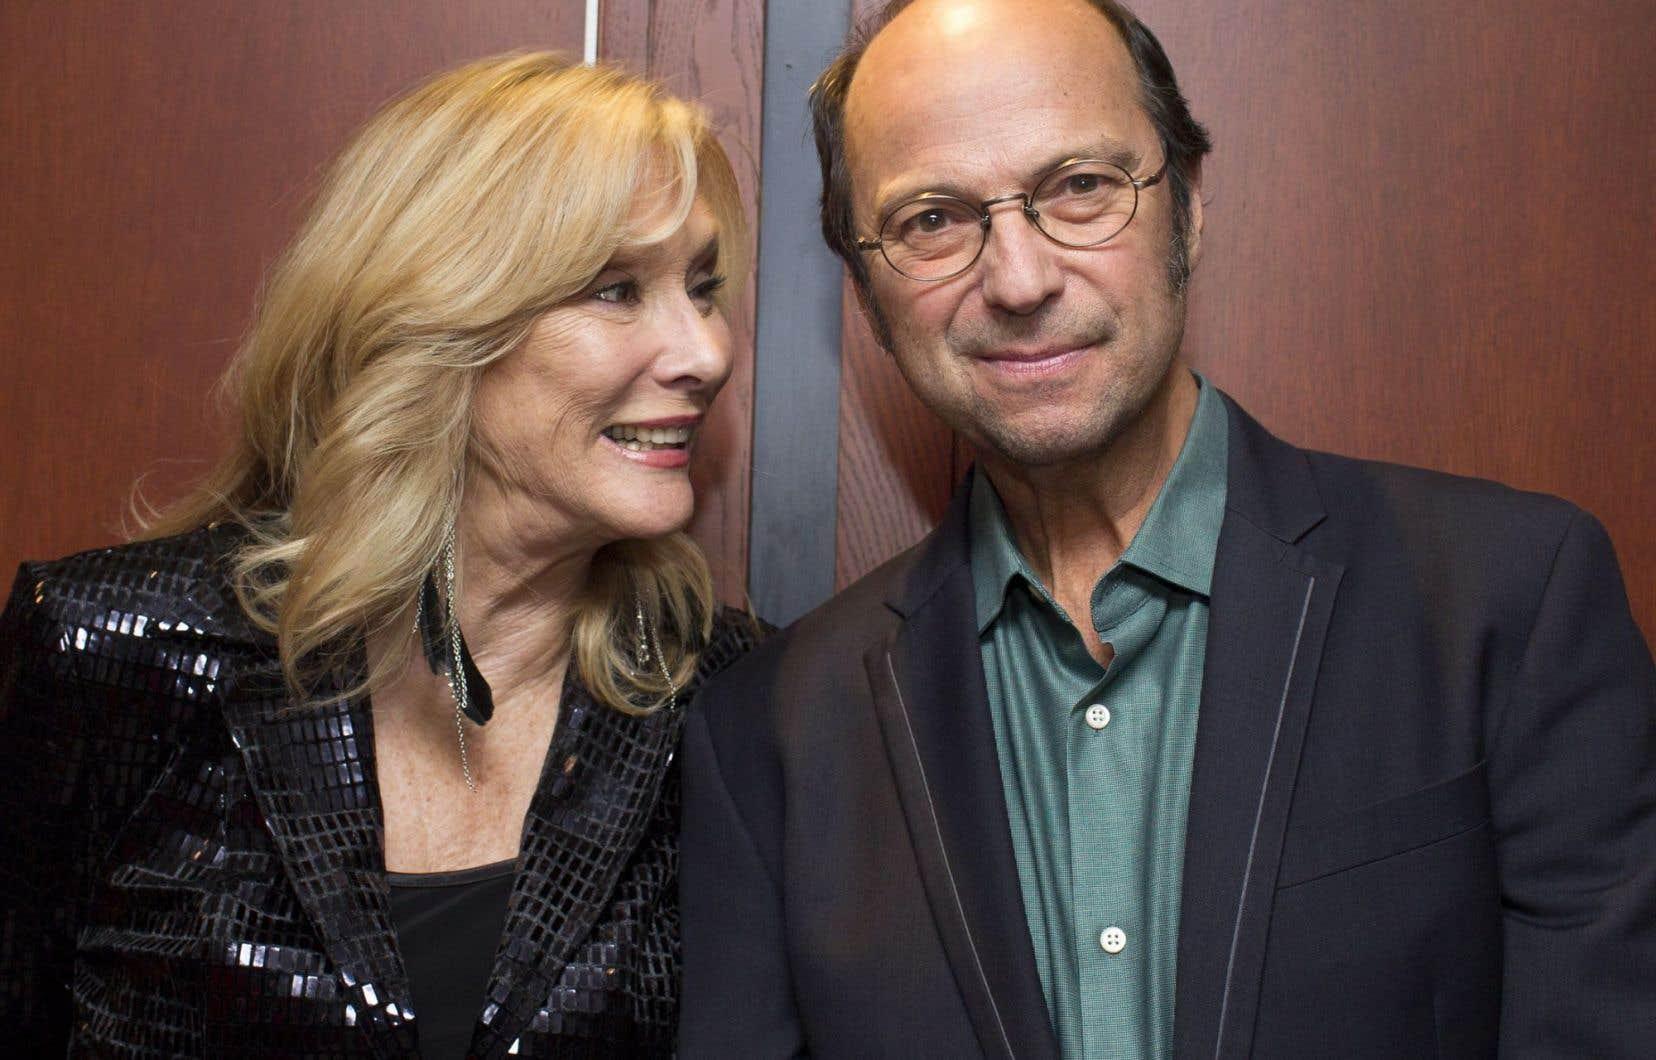 Nanette Workman et Michel Rivard, qui a reçu mardi le prix Luc Plamondon des mains de... Luc Plamondon, justement.